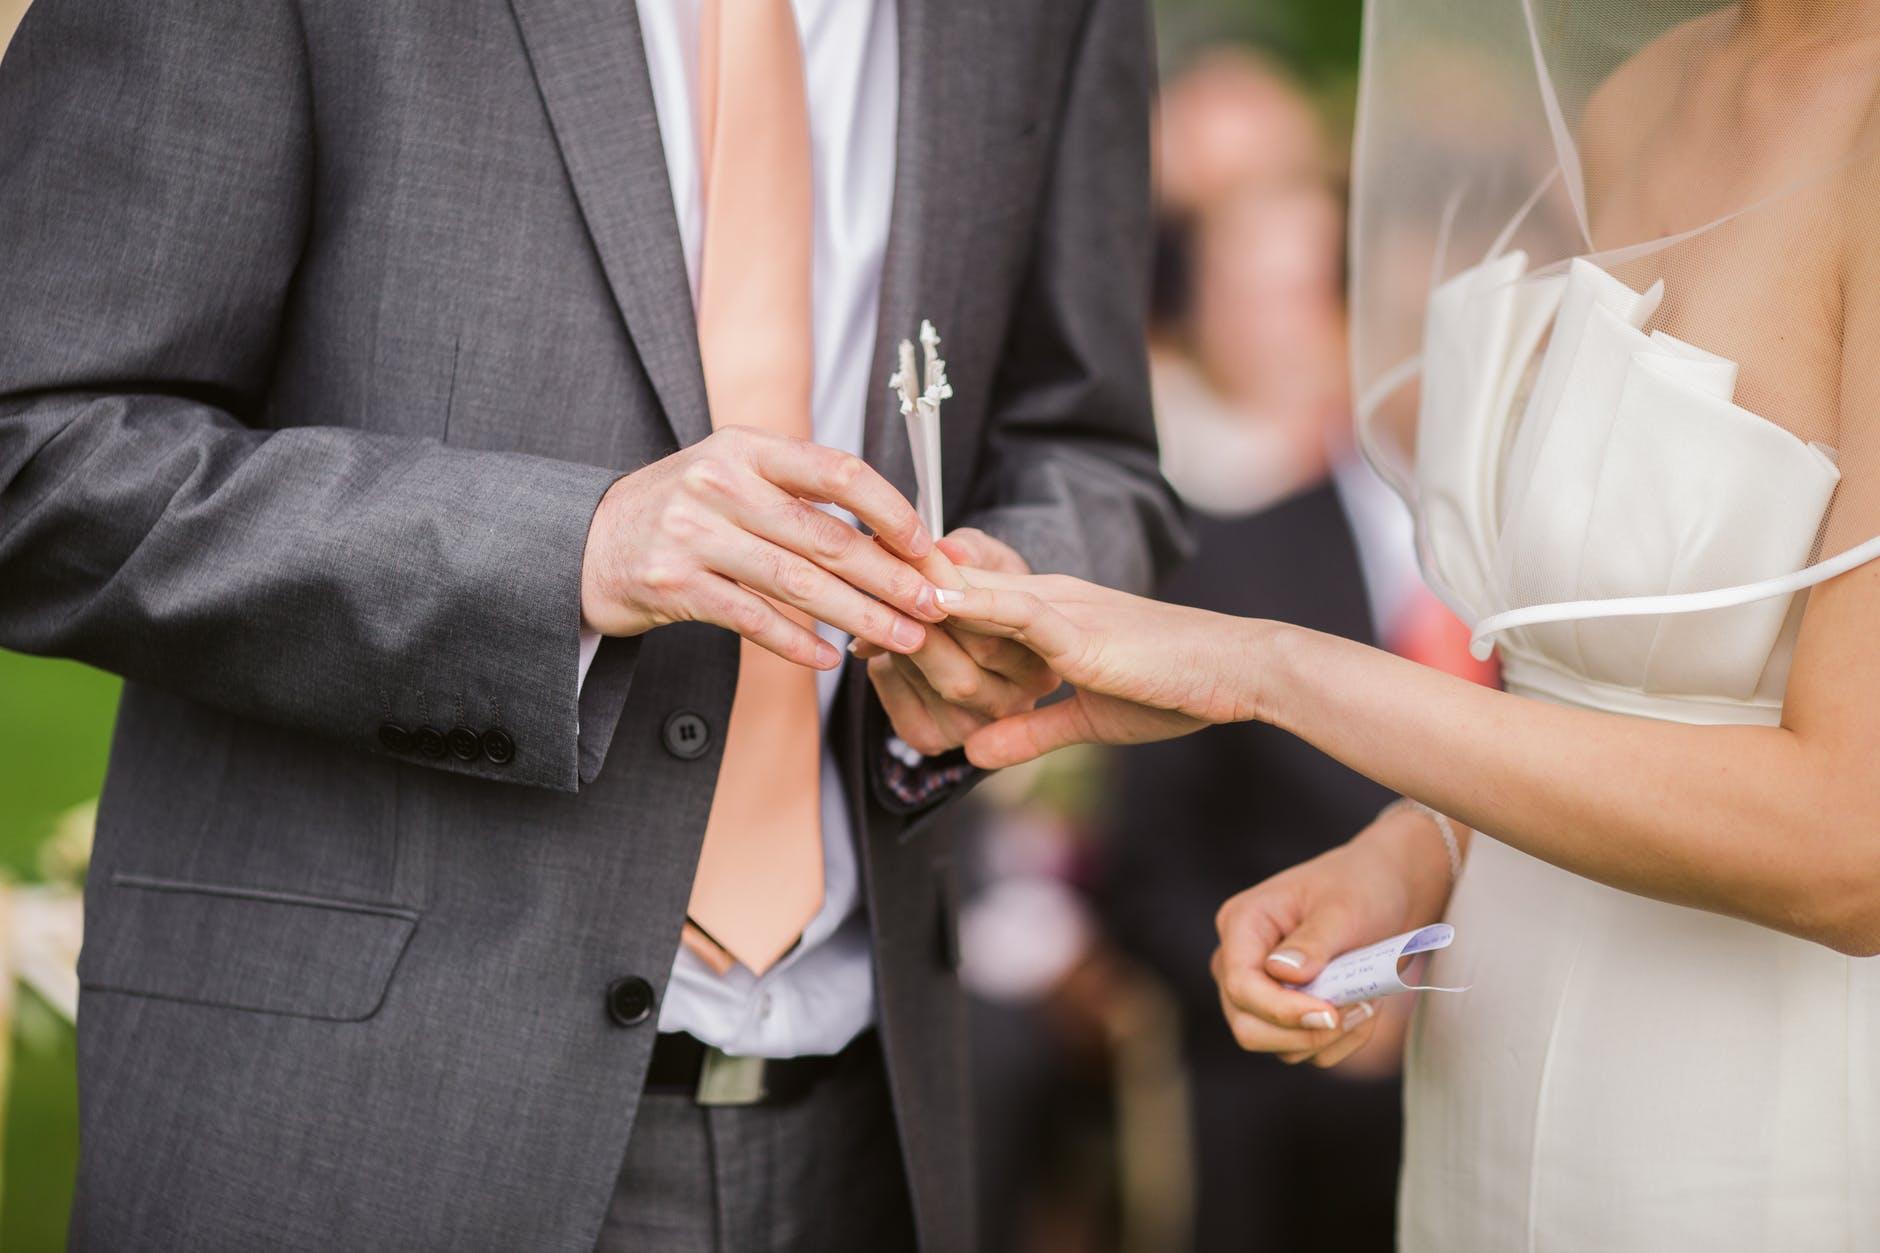 Poročna prstana si lahko izdelata sama